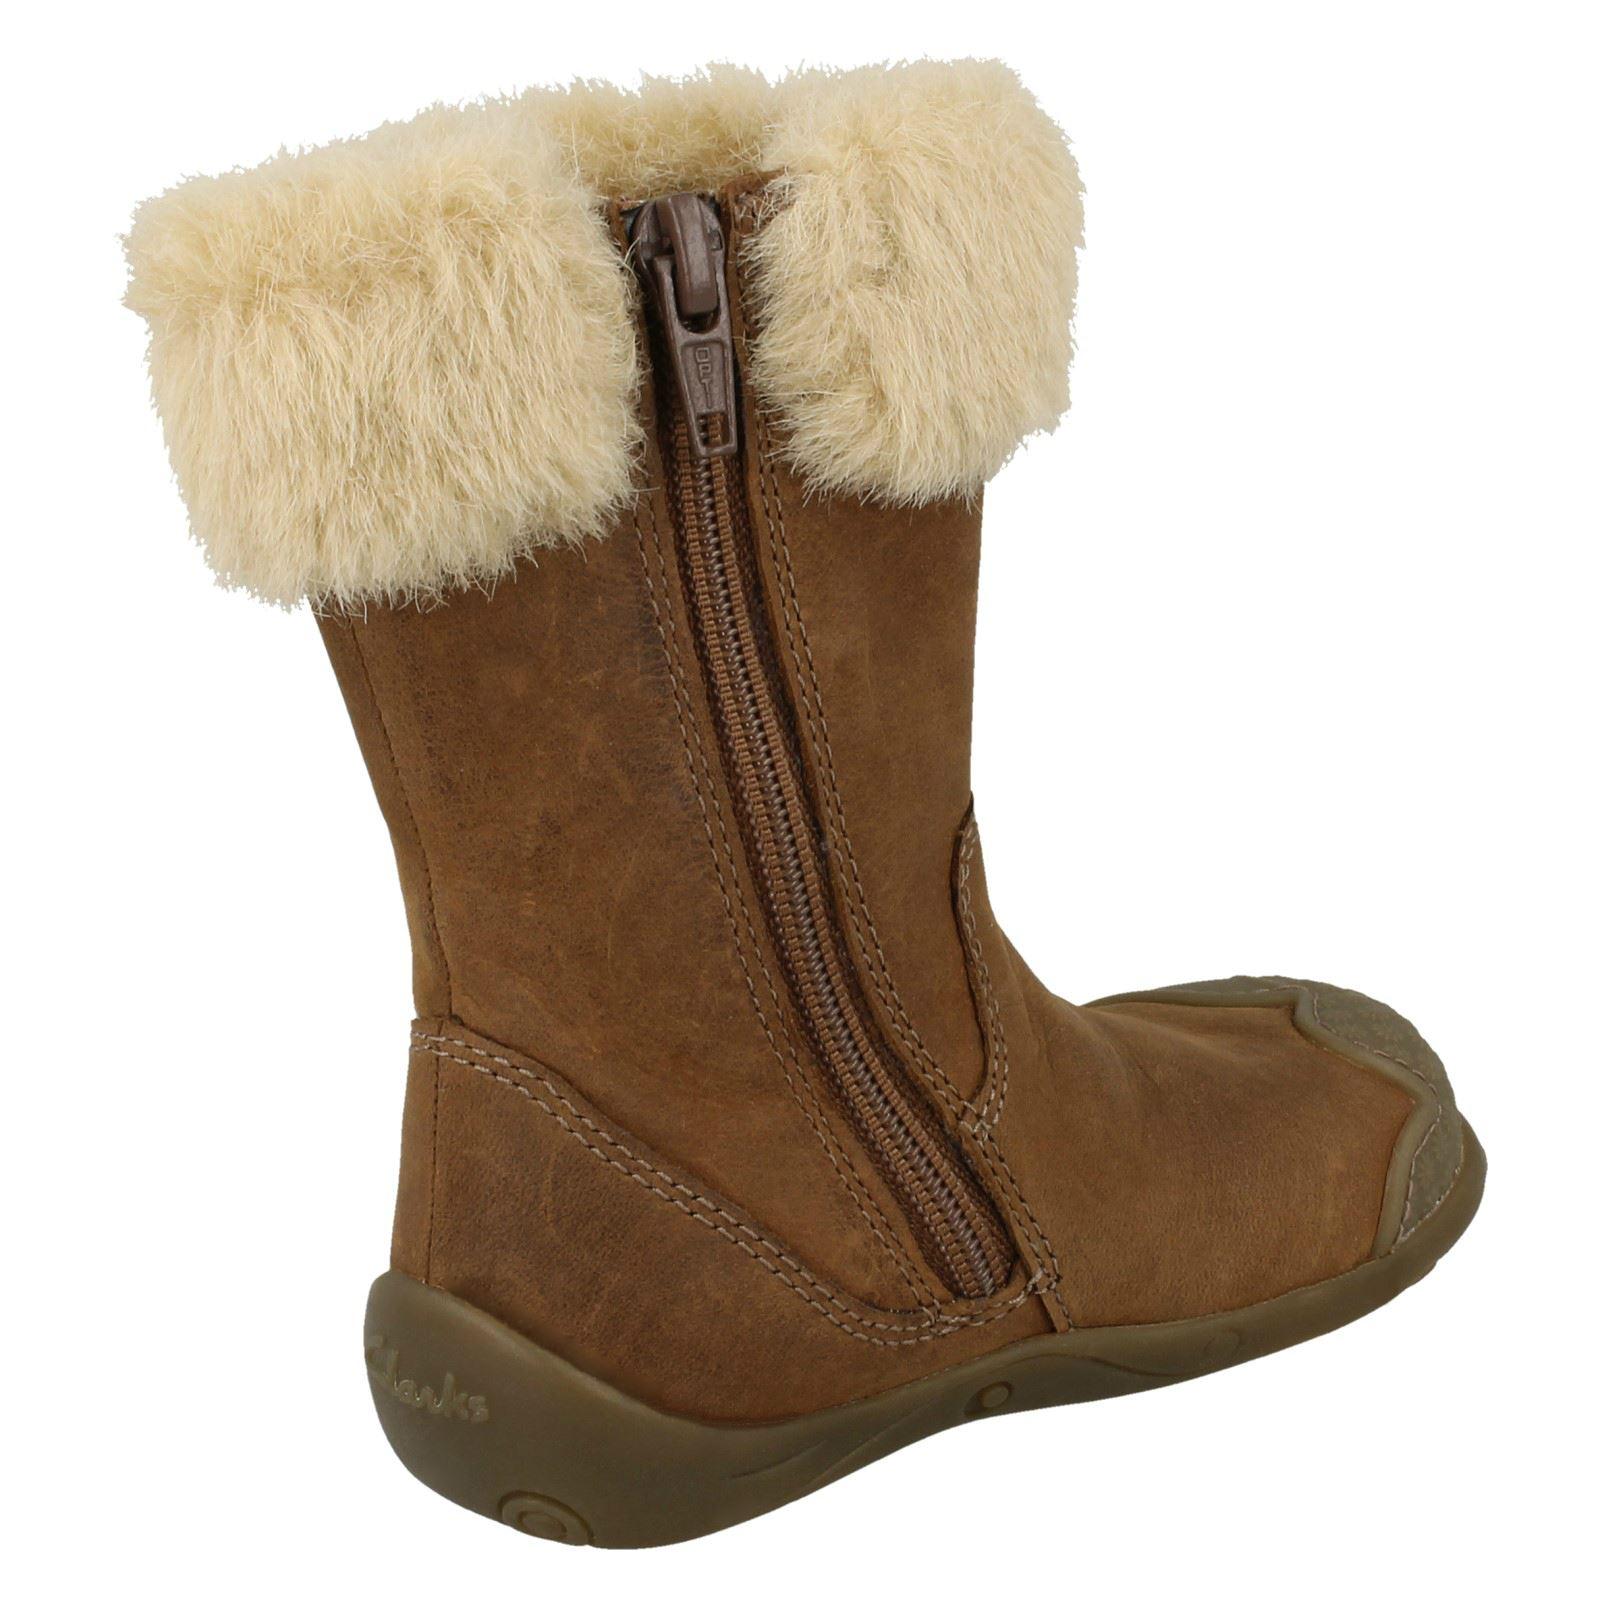 c5e8e23a3b9a6 Jeunes filles premier Clarks bottes « Esquimau fourrure »